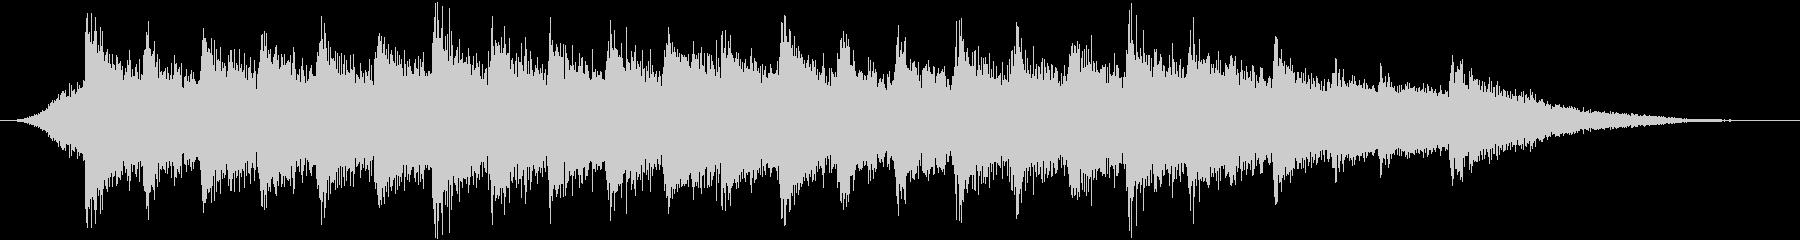 和風ジングル/ピアノ箏三味線の雄大なコクの未再生の波形